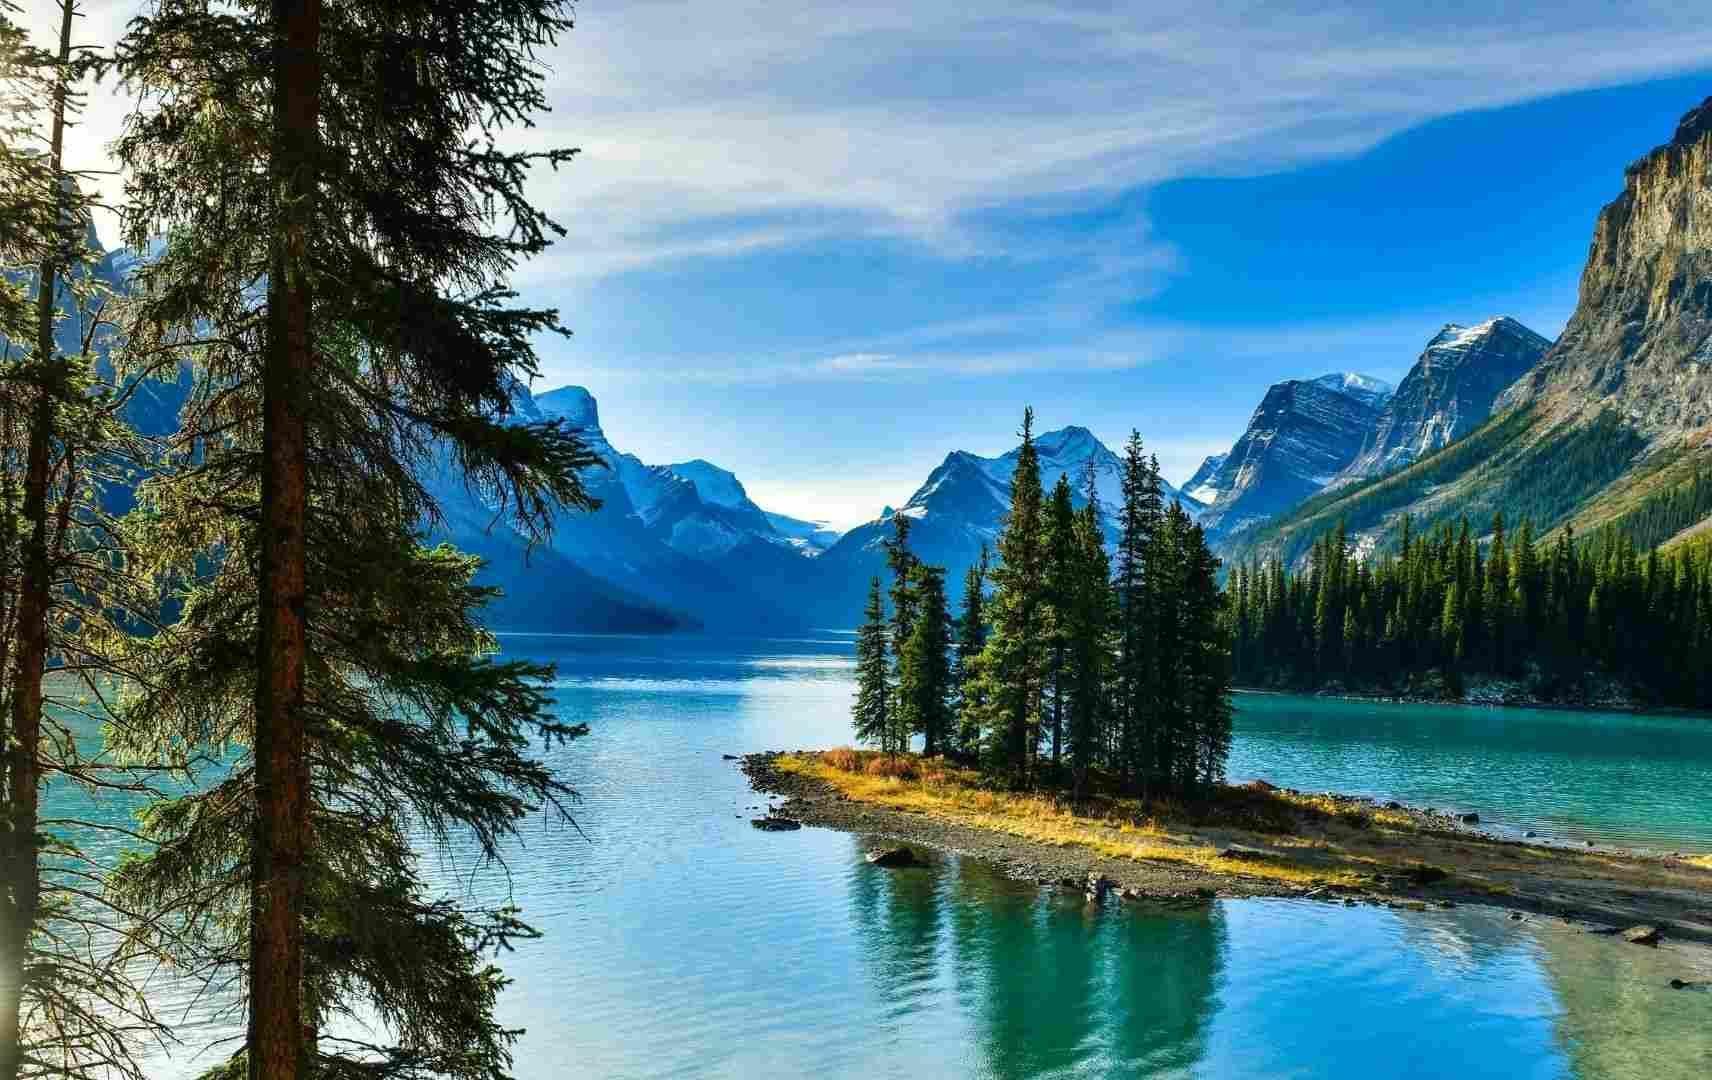 Kreuzfahrt top ten - Kanada Berge und Meer